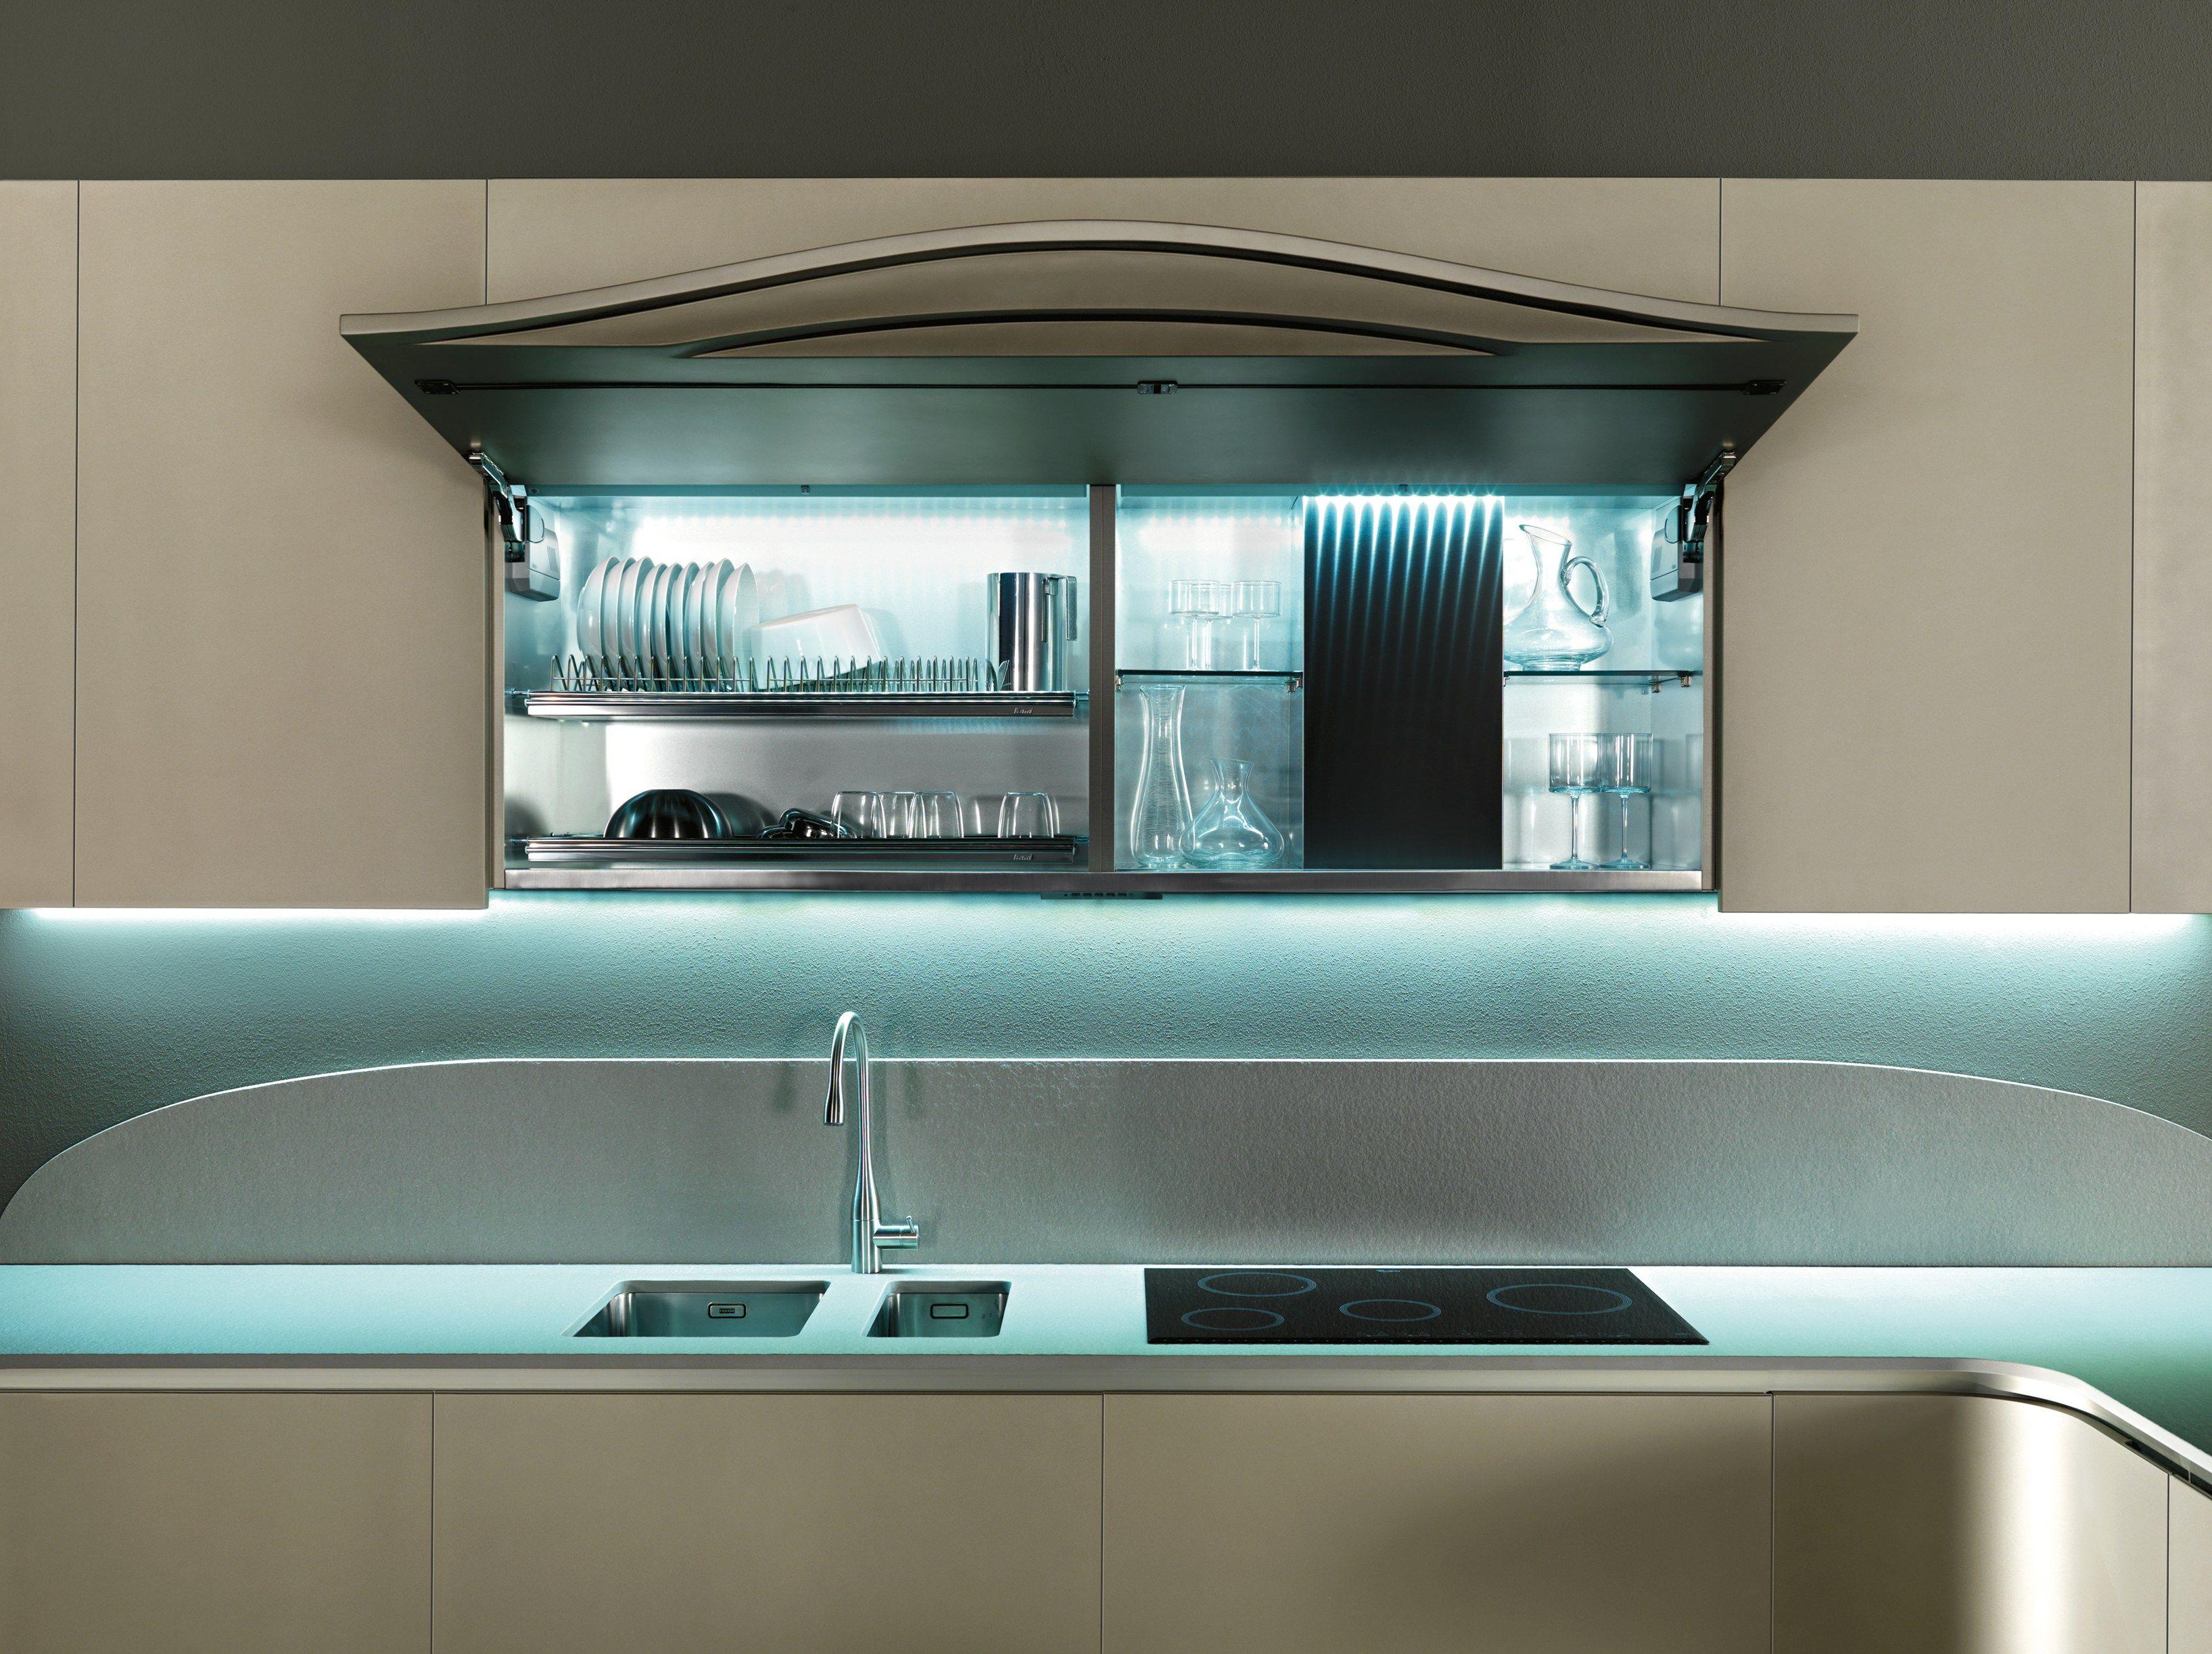 OLA 20 Cocina con península by Snaidero diseño Pininfarina